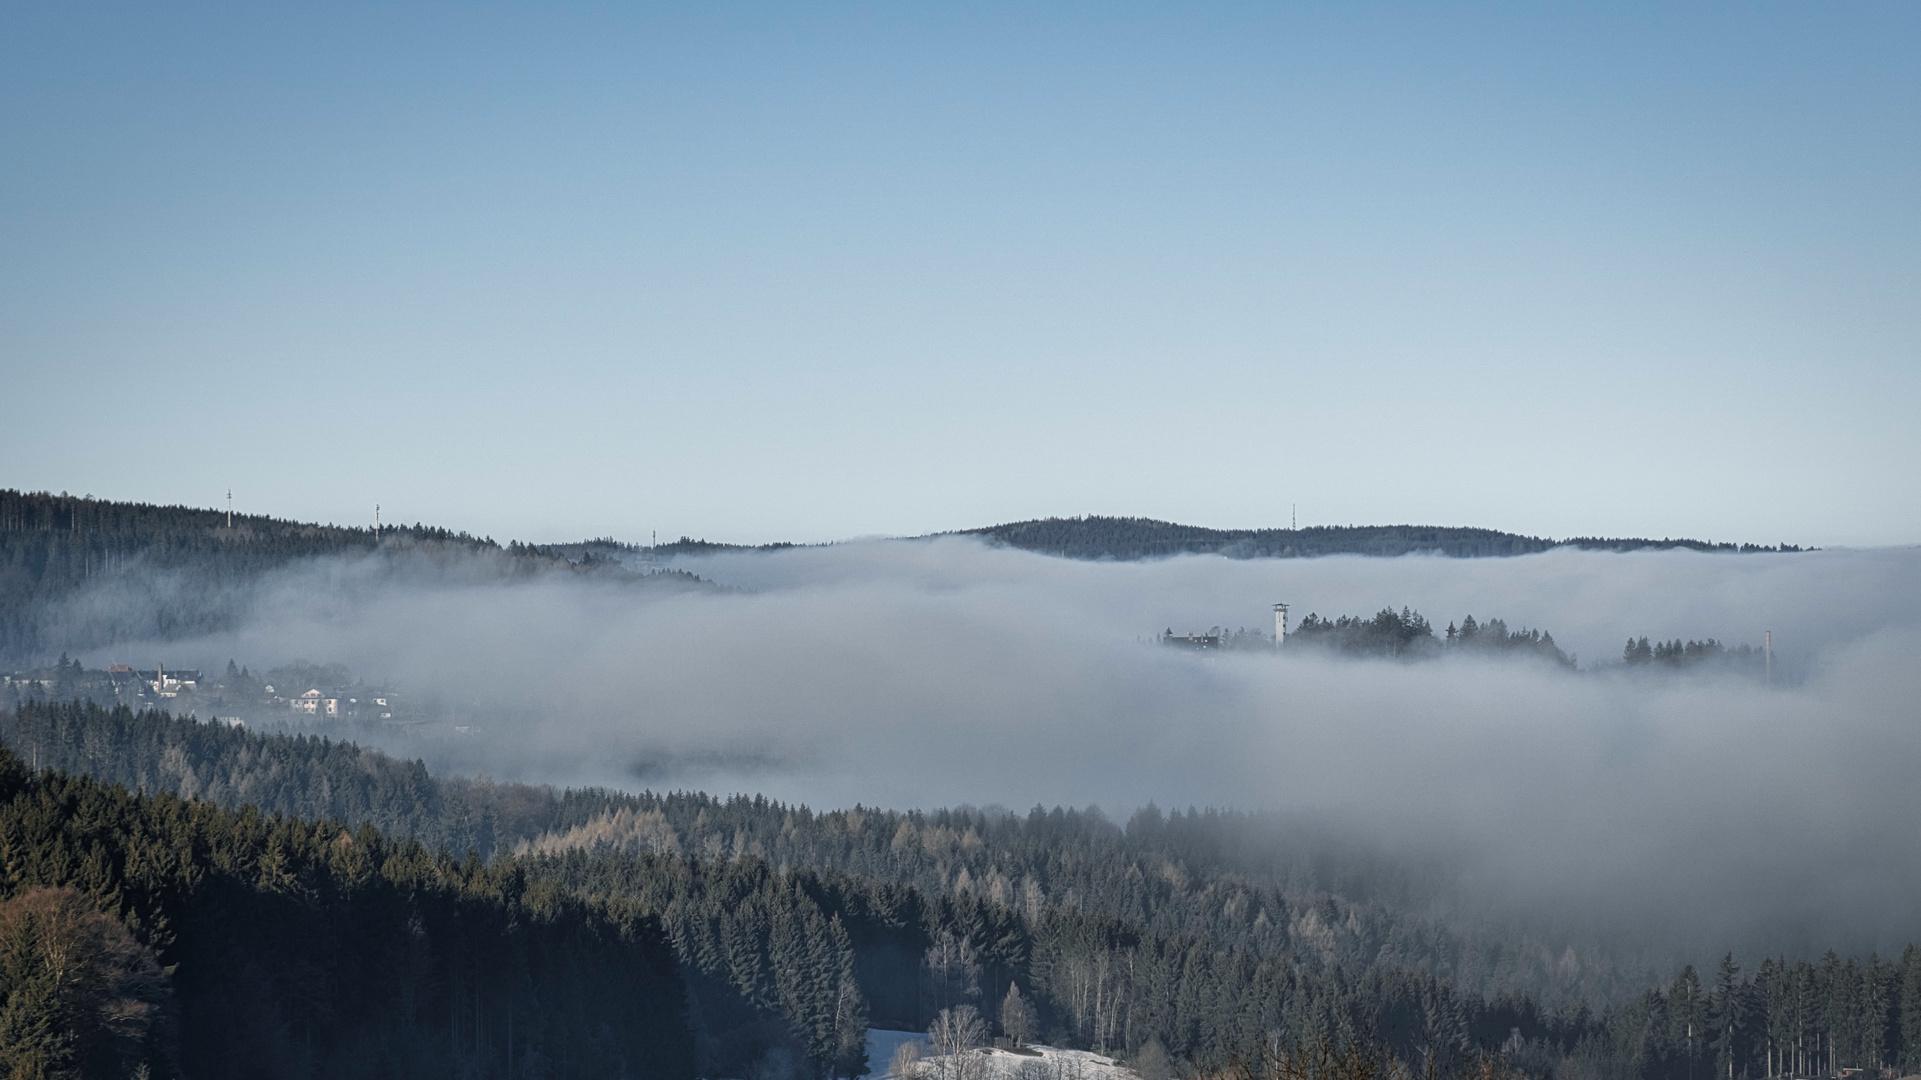 Von Nebel umschlossen